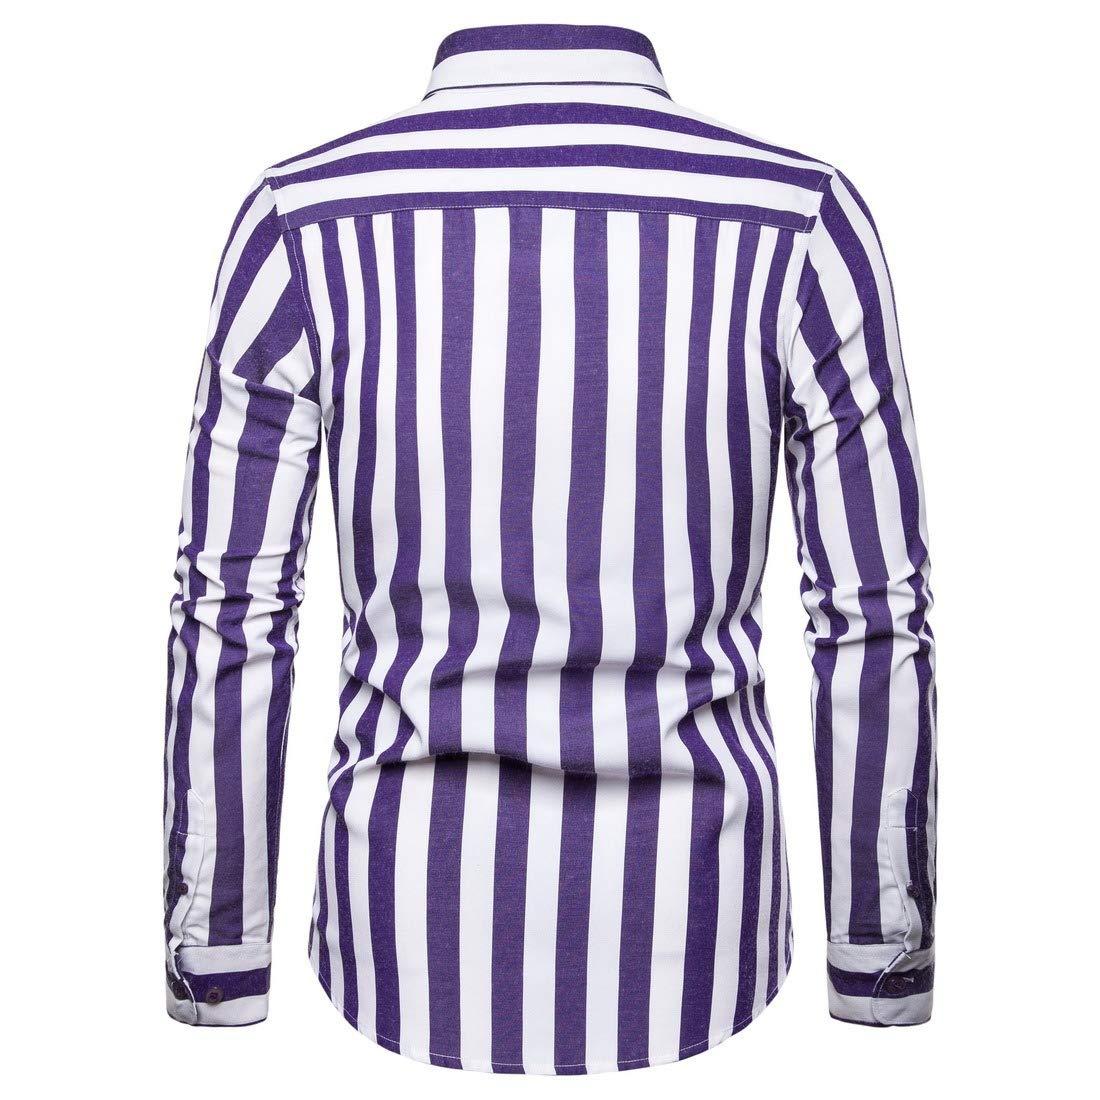 HEFASDM Mens Button-Front Fine Cotton Stripes Business Leisure Shirts